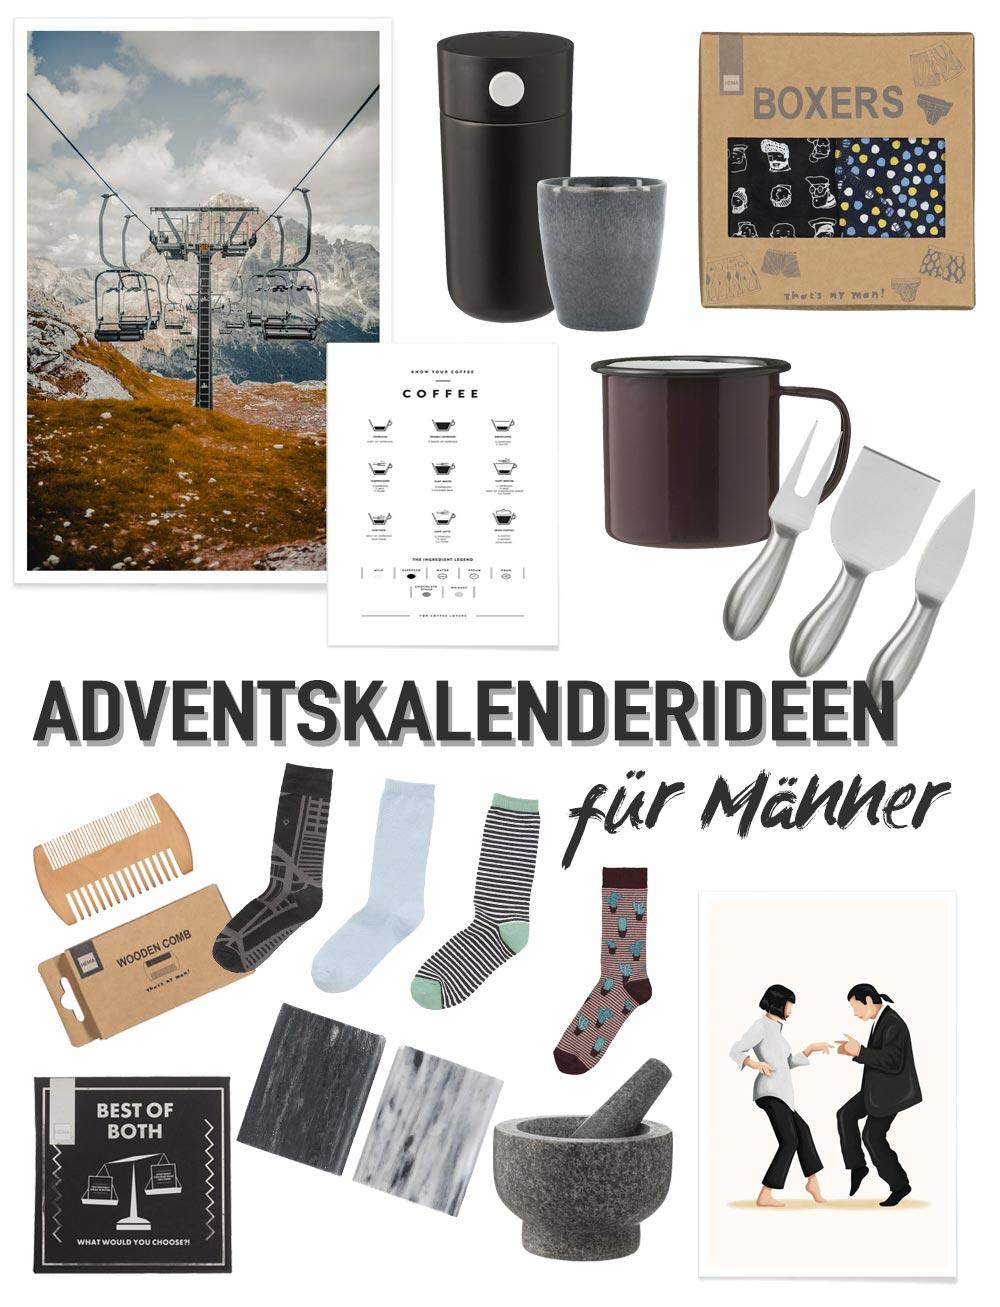 Adventskalenderideen für Männer - viele kleine Ideen für die Adventskalenderfüllung